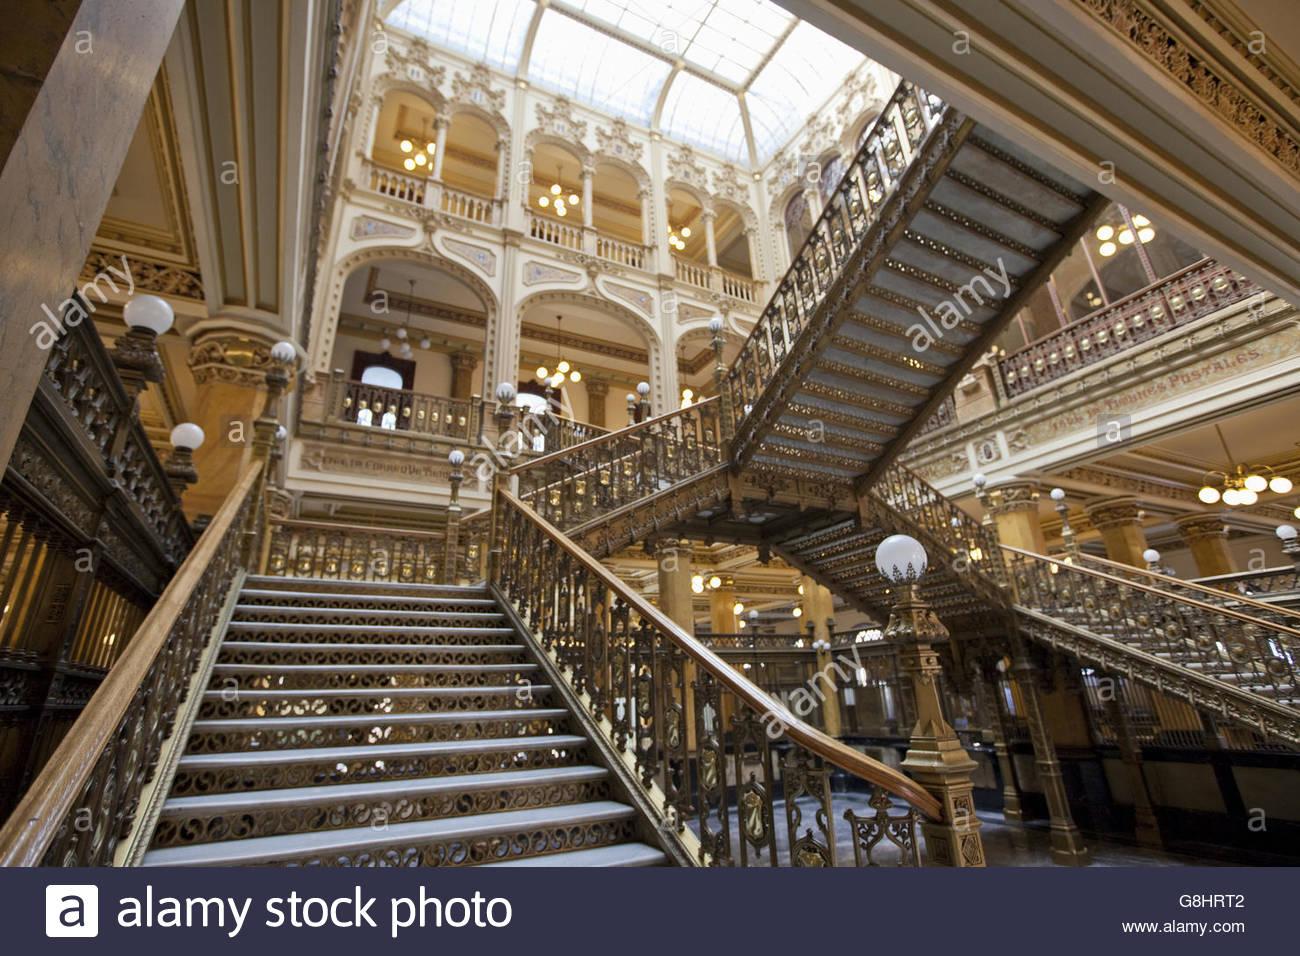 The Palacio de Correos de Mexico (Postal Palace of Mexico City) Mexico City, Mexico - Stock Image